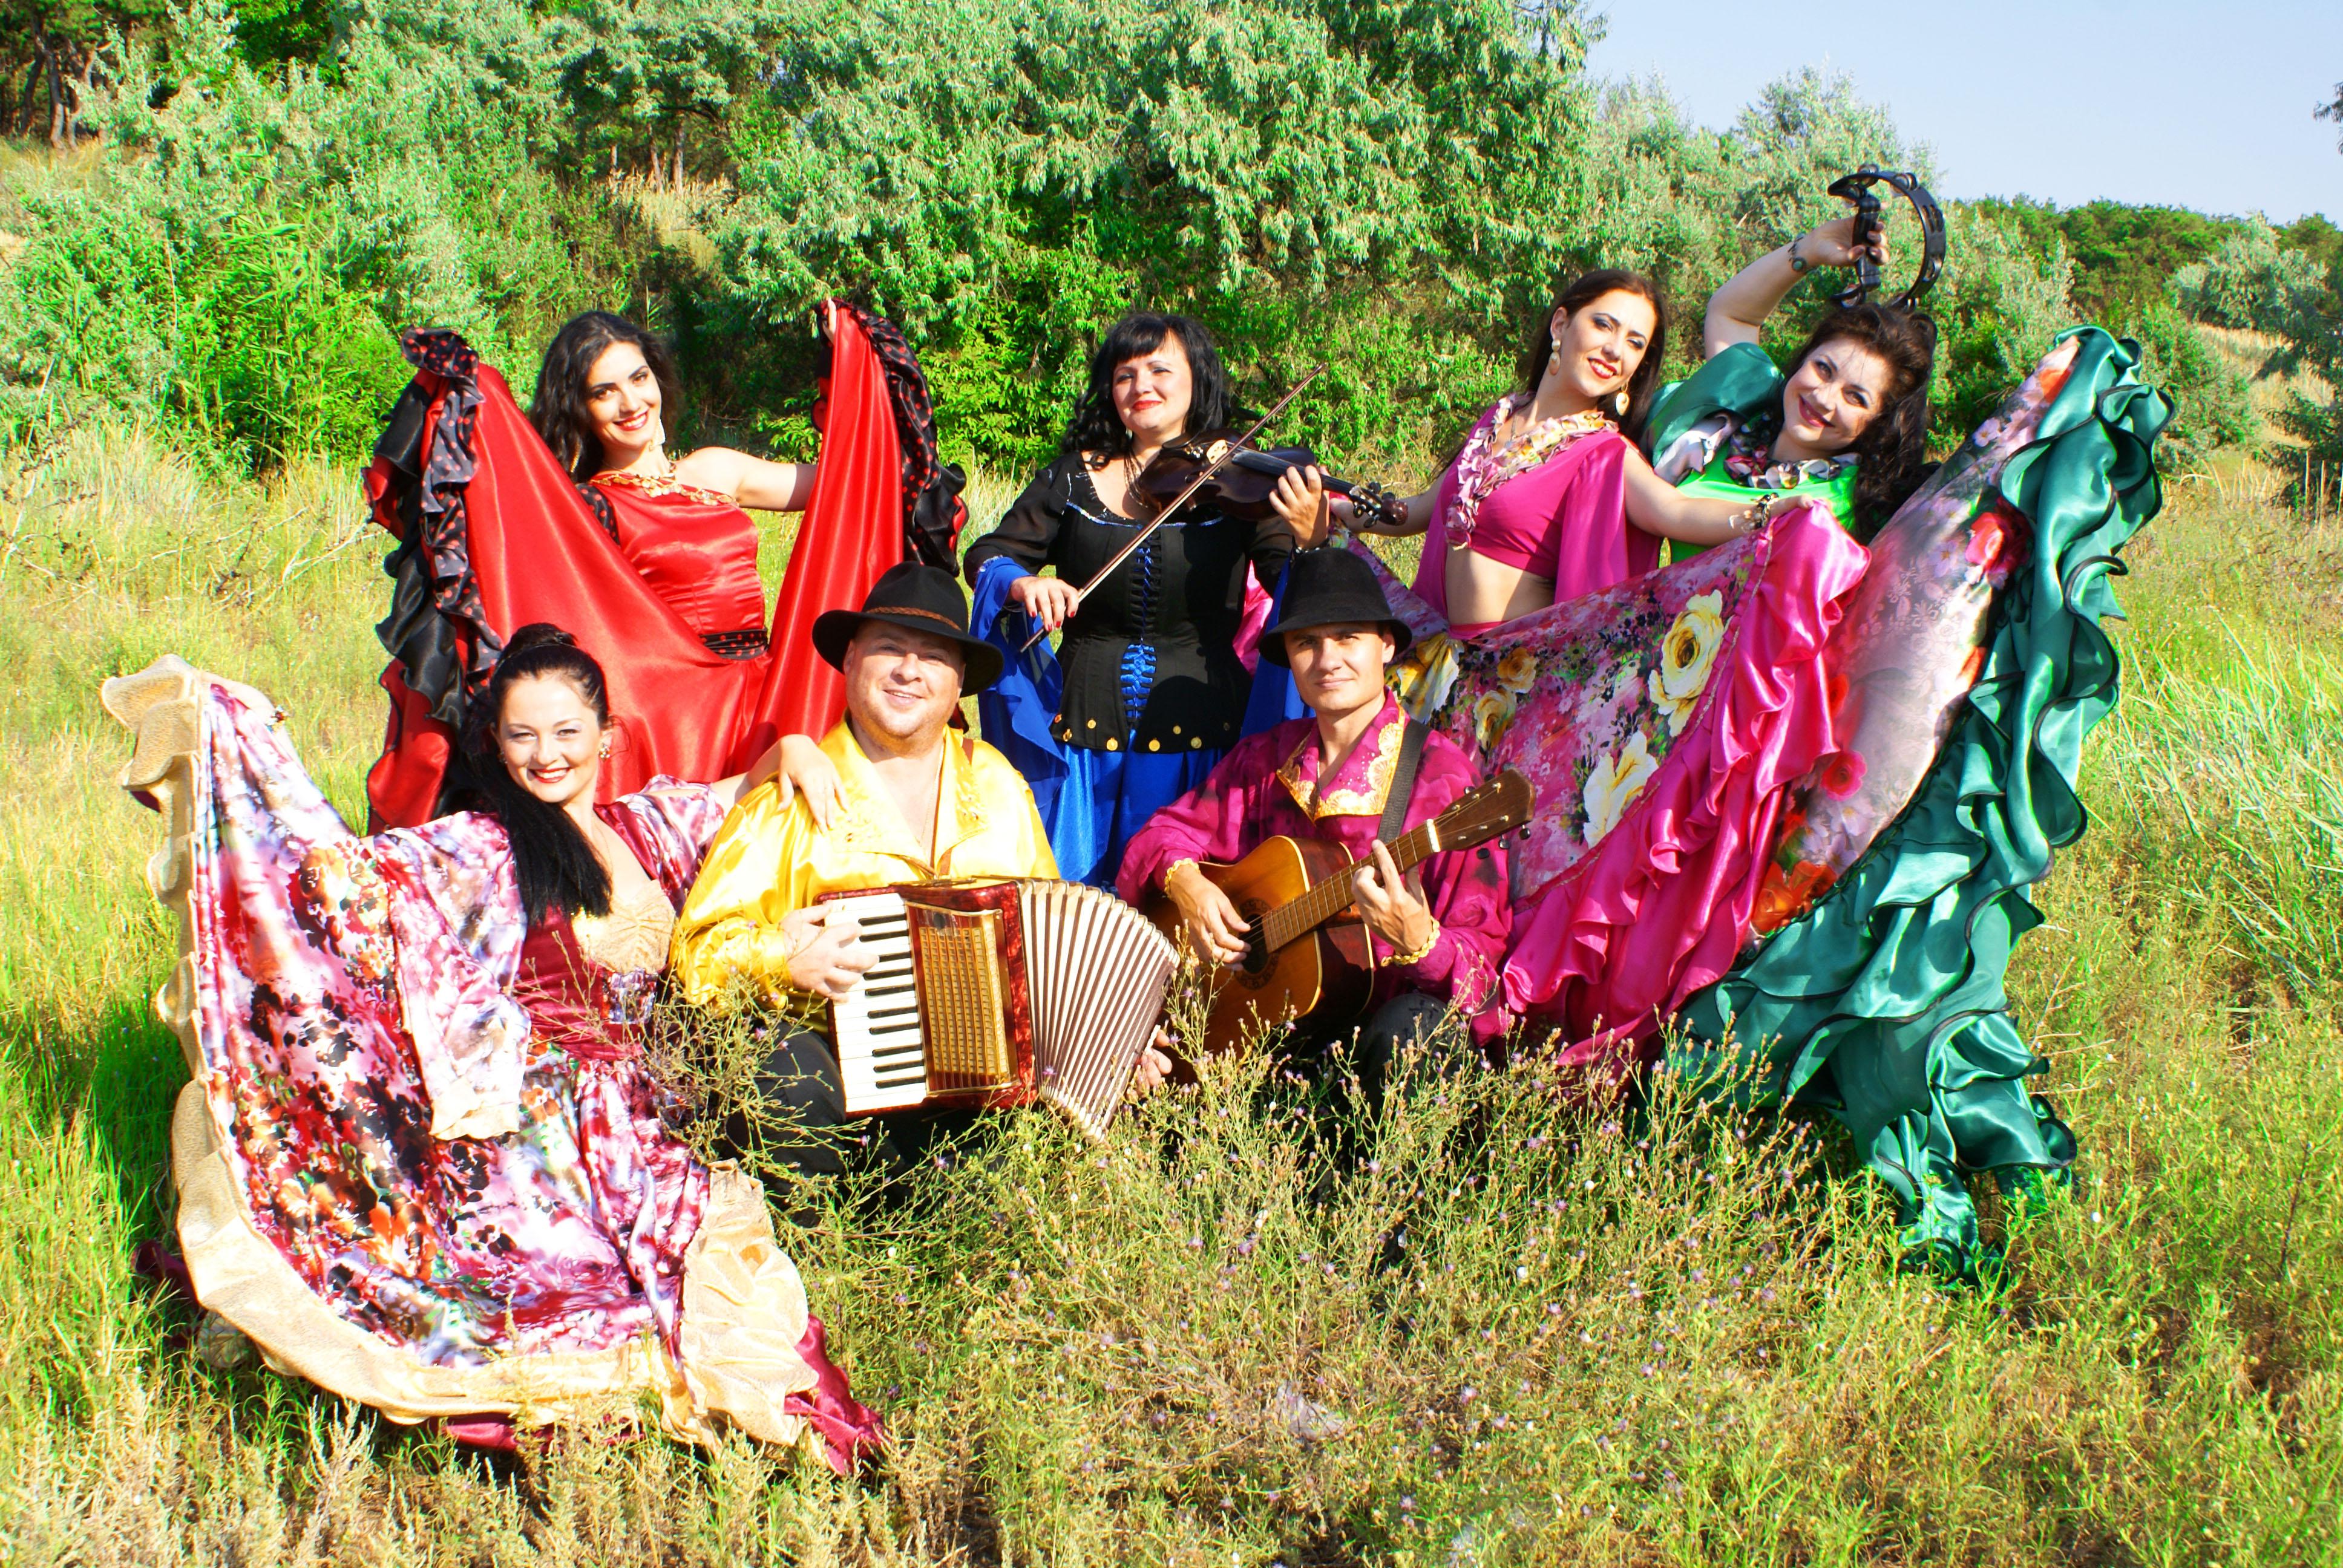 вокально-инструментальный ансамбль в Одессе, ВИА Одесса, цыганский номер, живое шоу